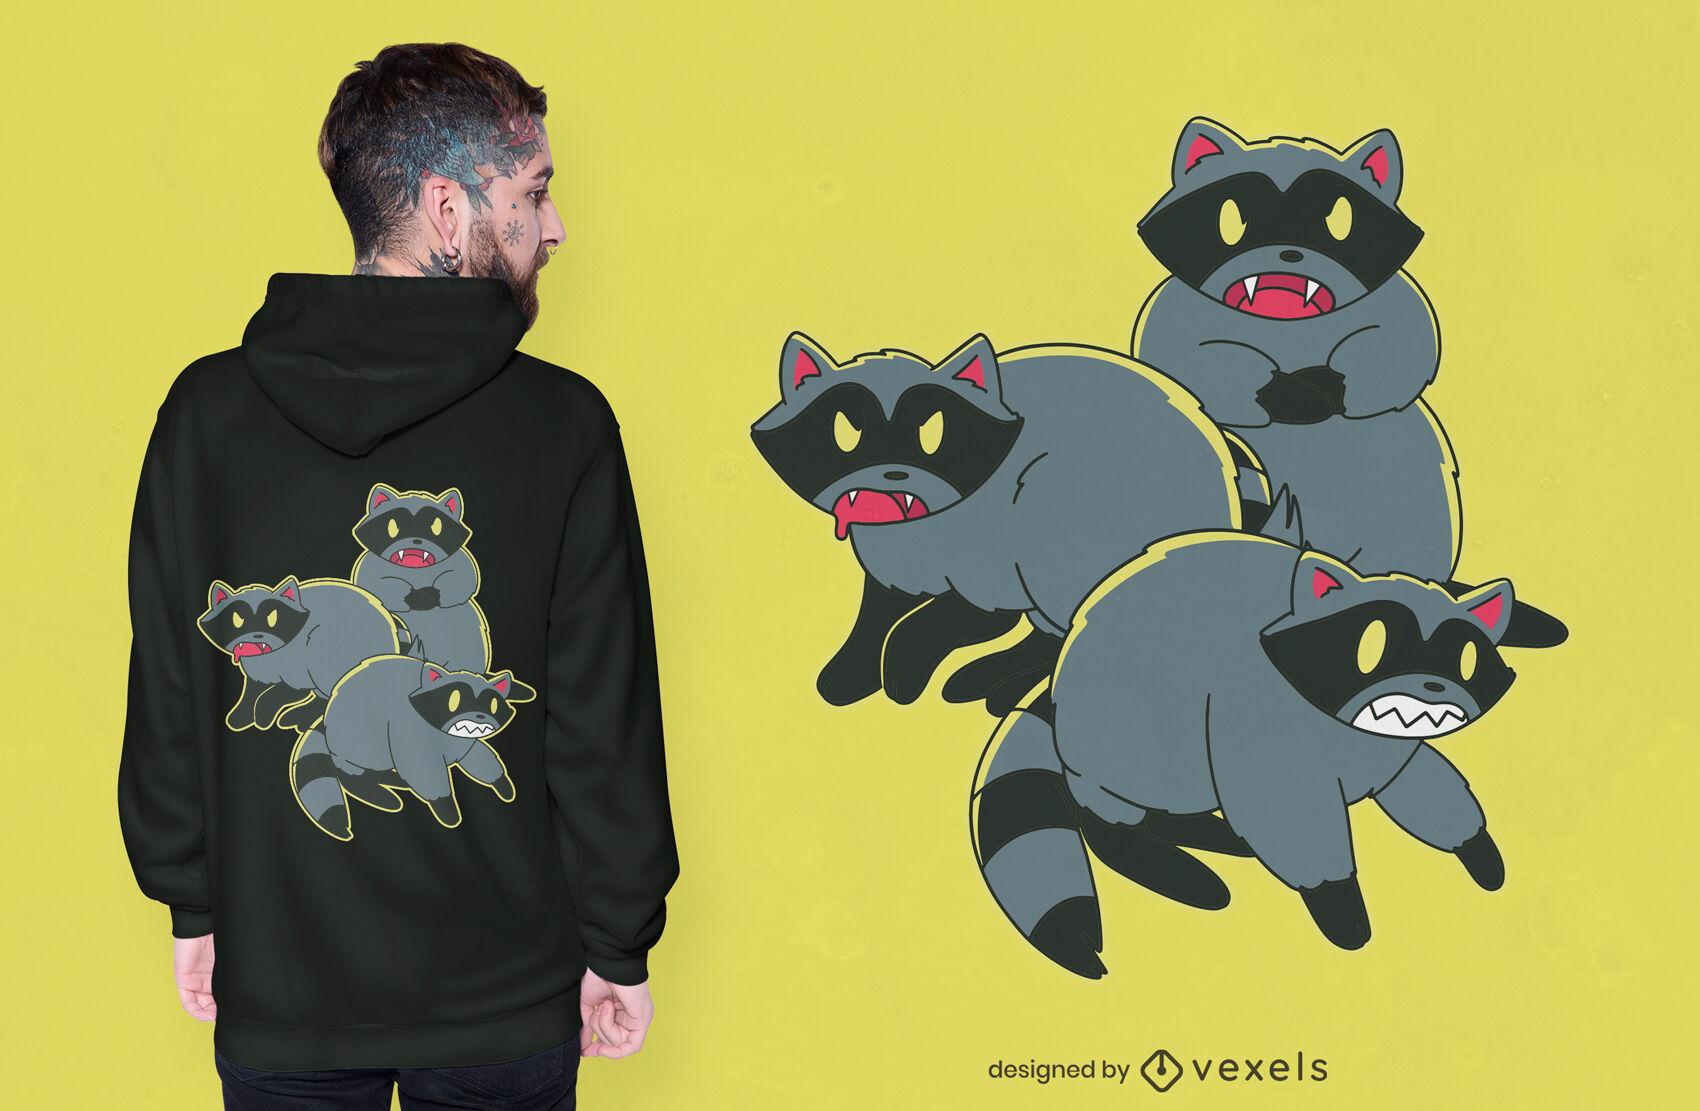 Rabid raccoons cartoon t-shirt design